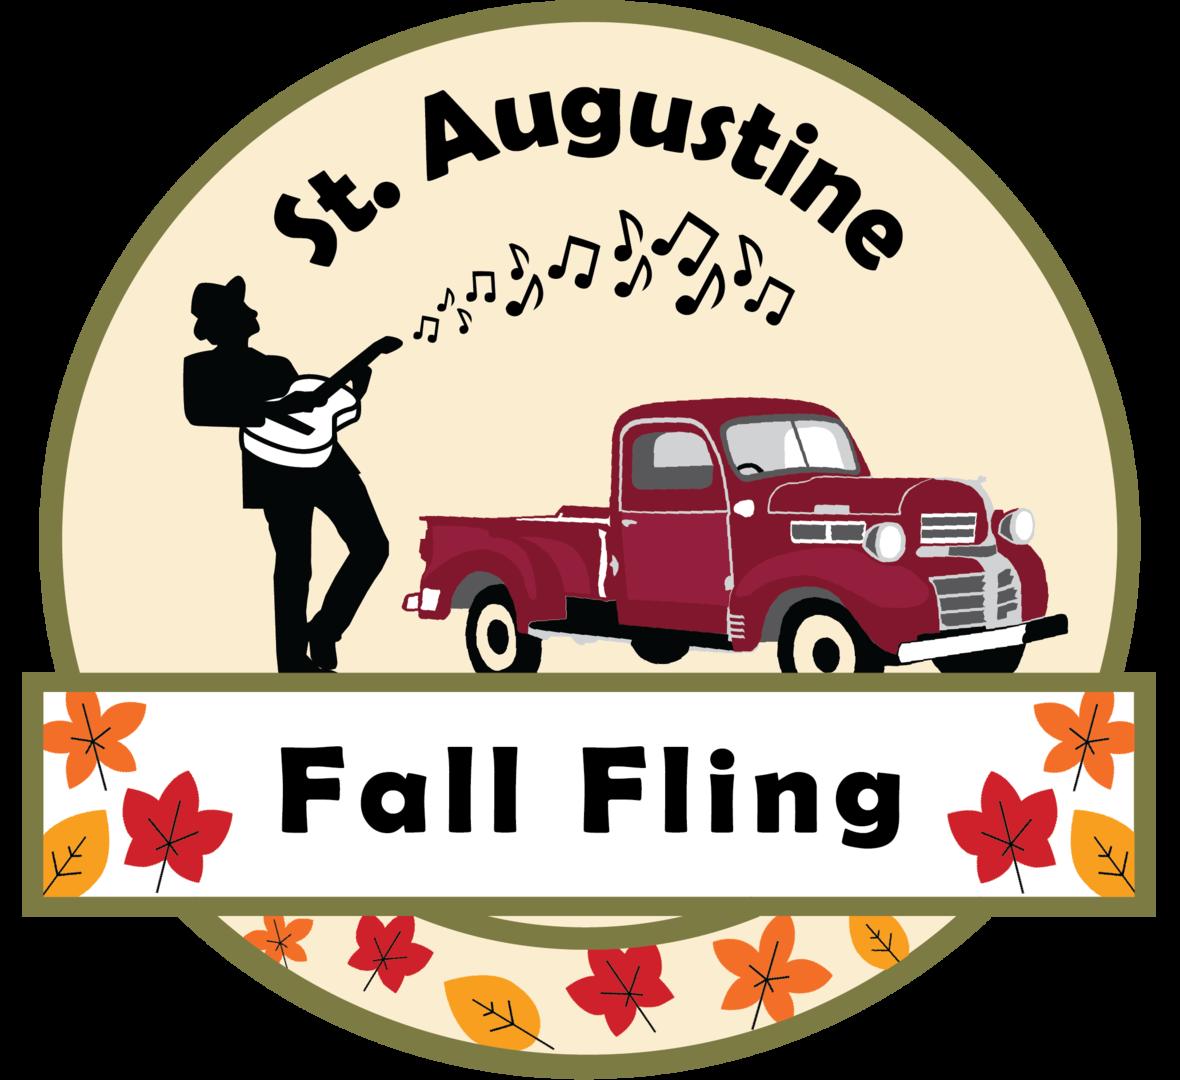 St. Augustine Fall Fling Festival